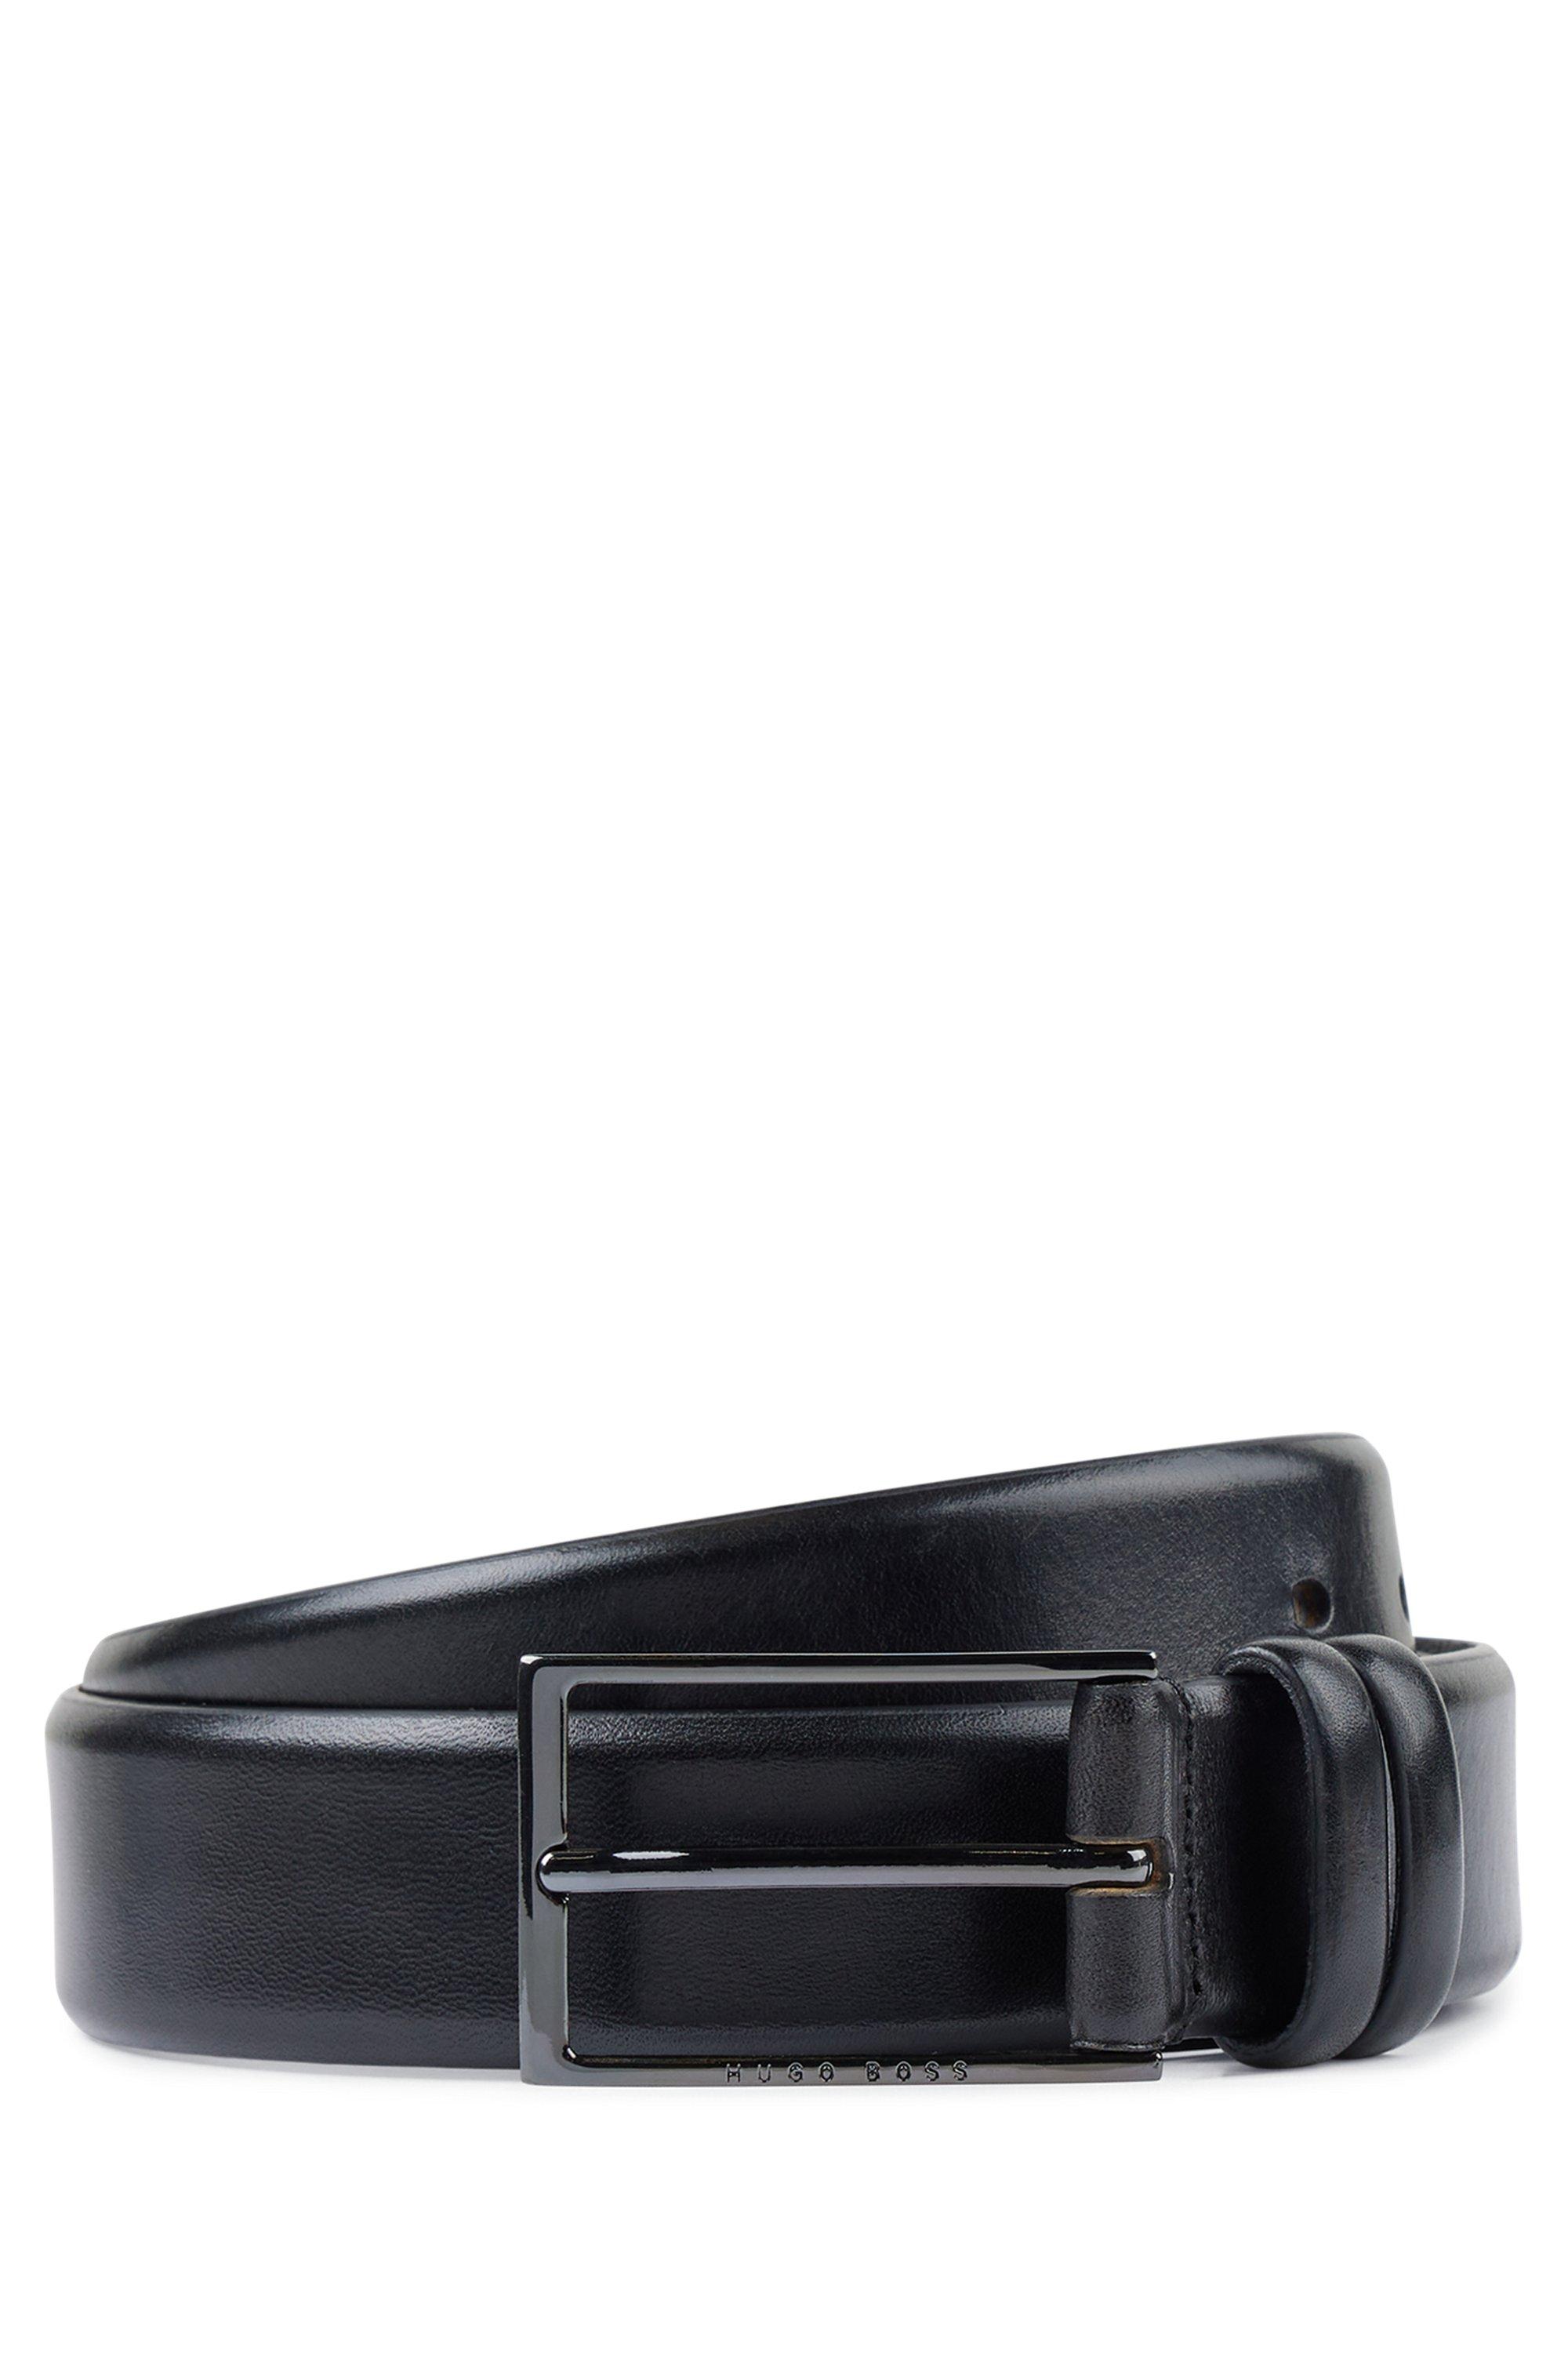 Gürtel aus pflanzlich gegerbtem Leder mit Metall-Details, Schwarz